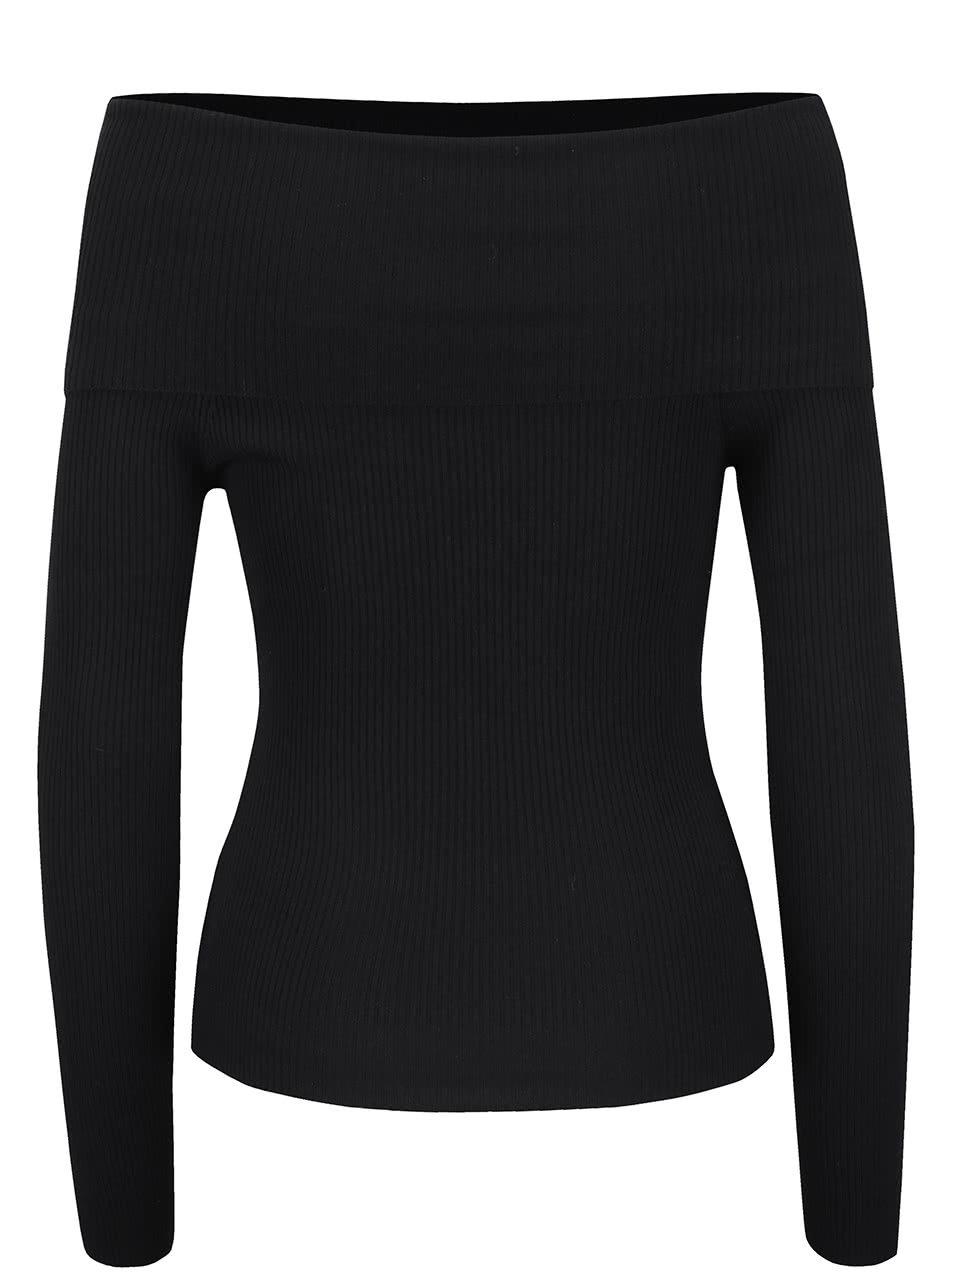 Černý svetr s odhalenými rameny Miss Selfridge ... 14e66abeda